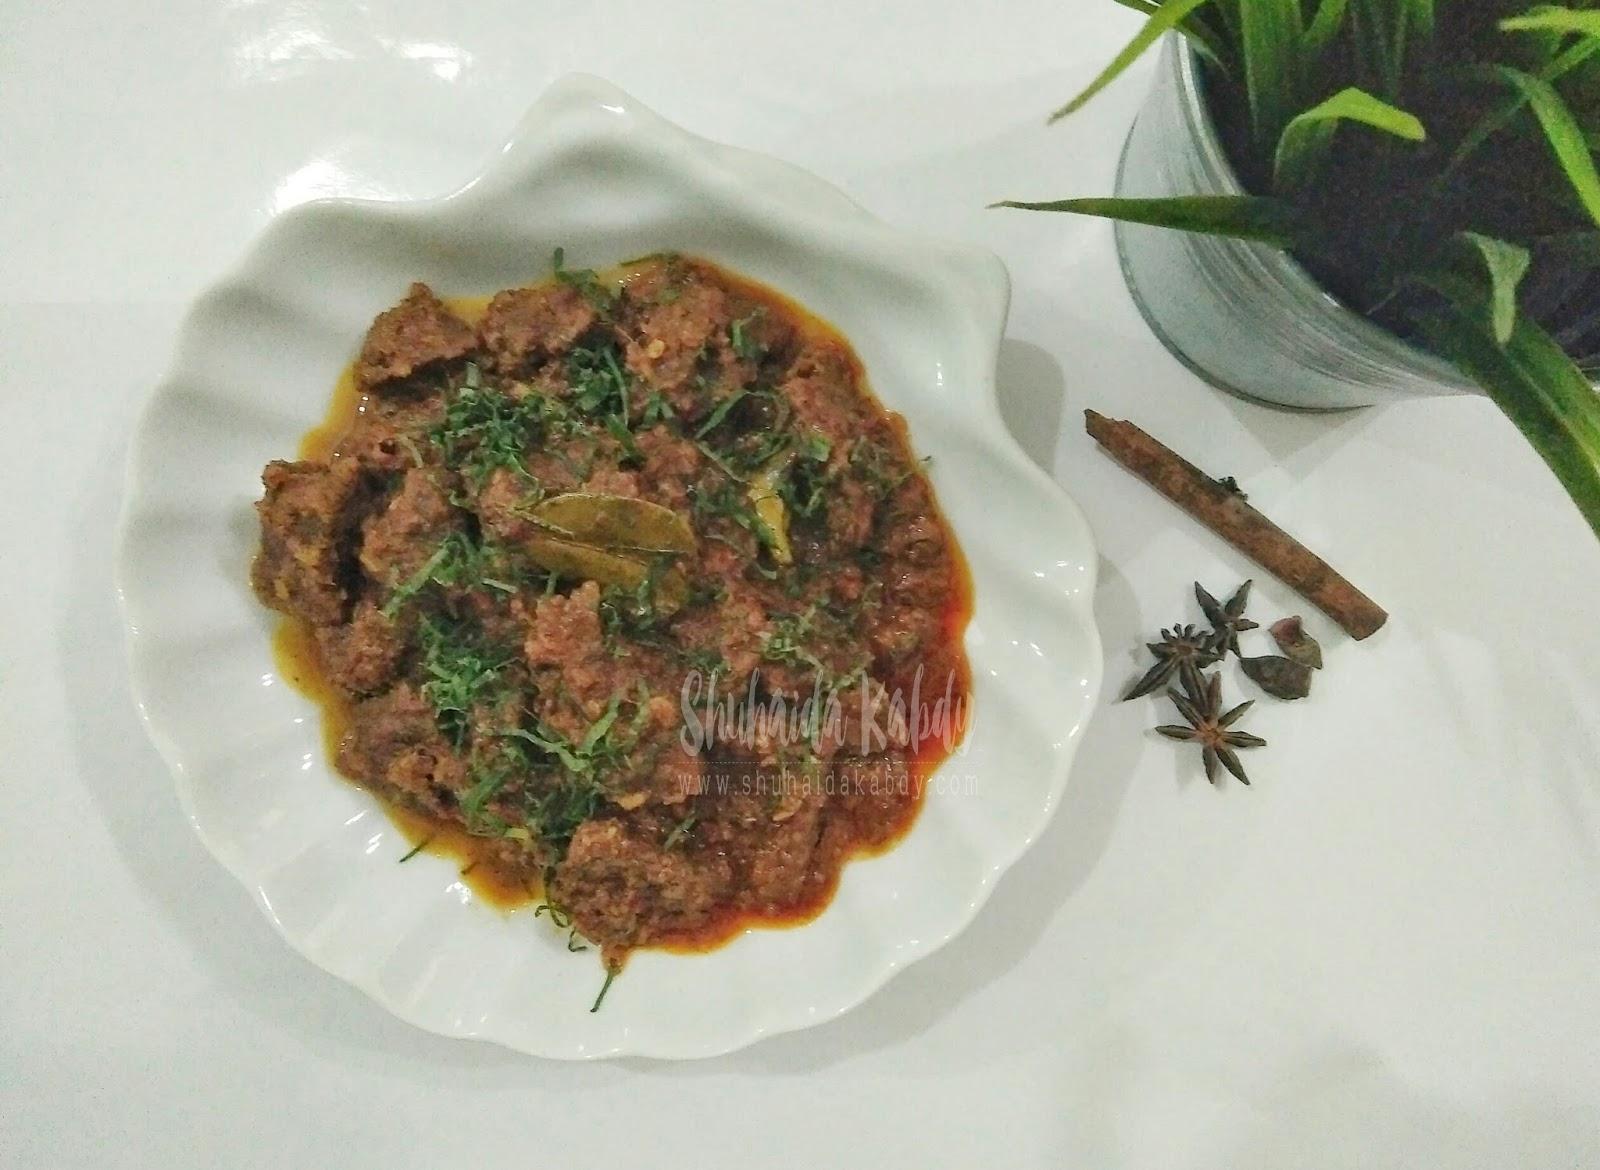 Resepi Rendang Daging Jawa - Kota Joglo